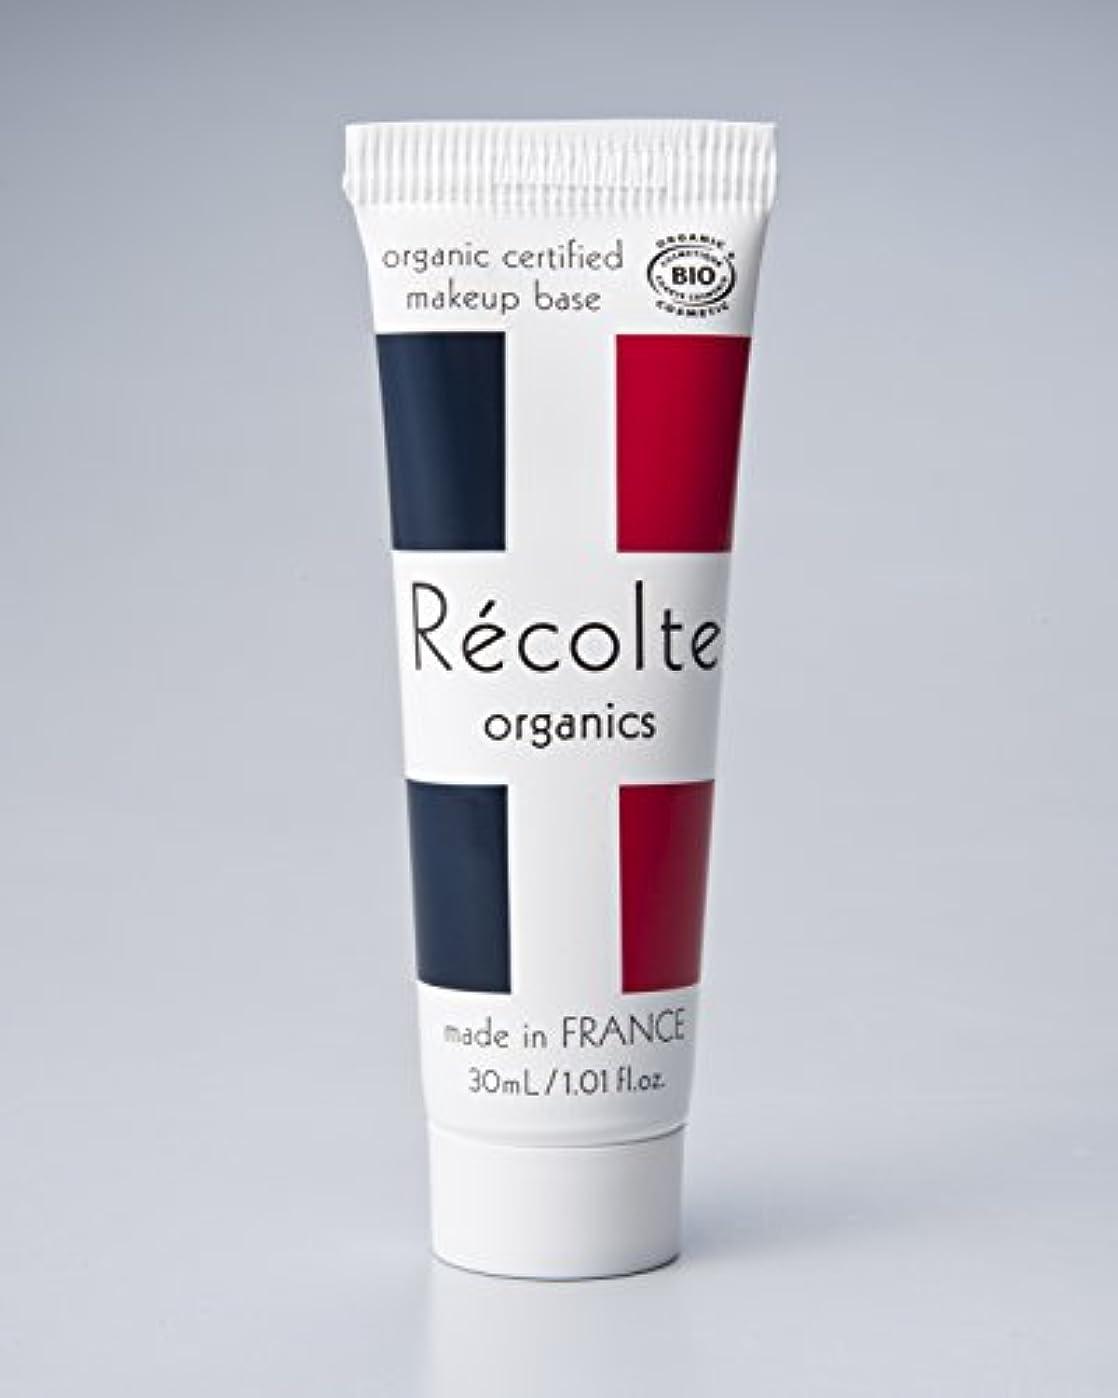 見出しあなたのもの宿題Recolte organics natural makeup base レコルトオーガニック ナチュラルメイクアップベース 化粧下地 SPF15 30ml